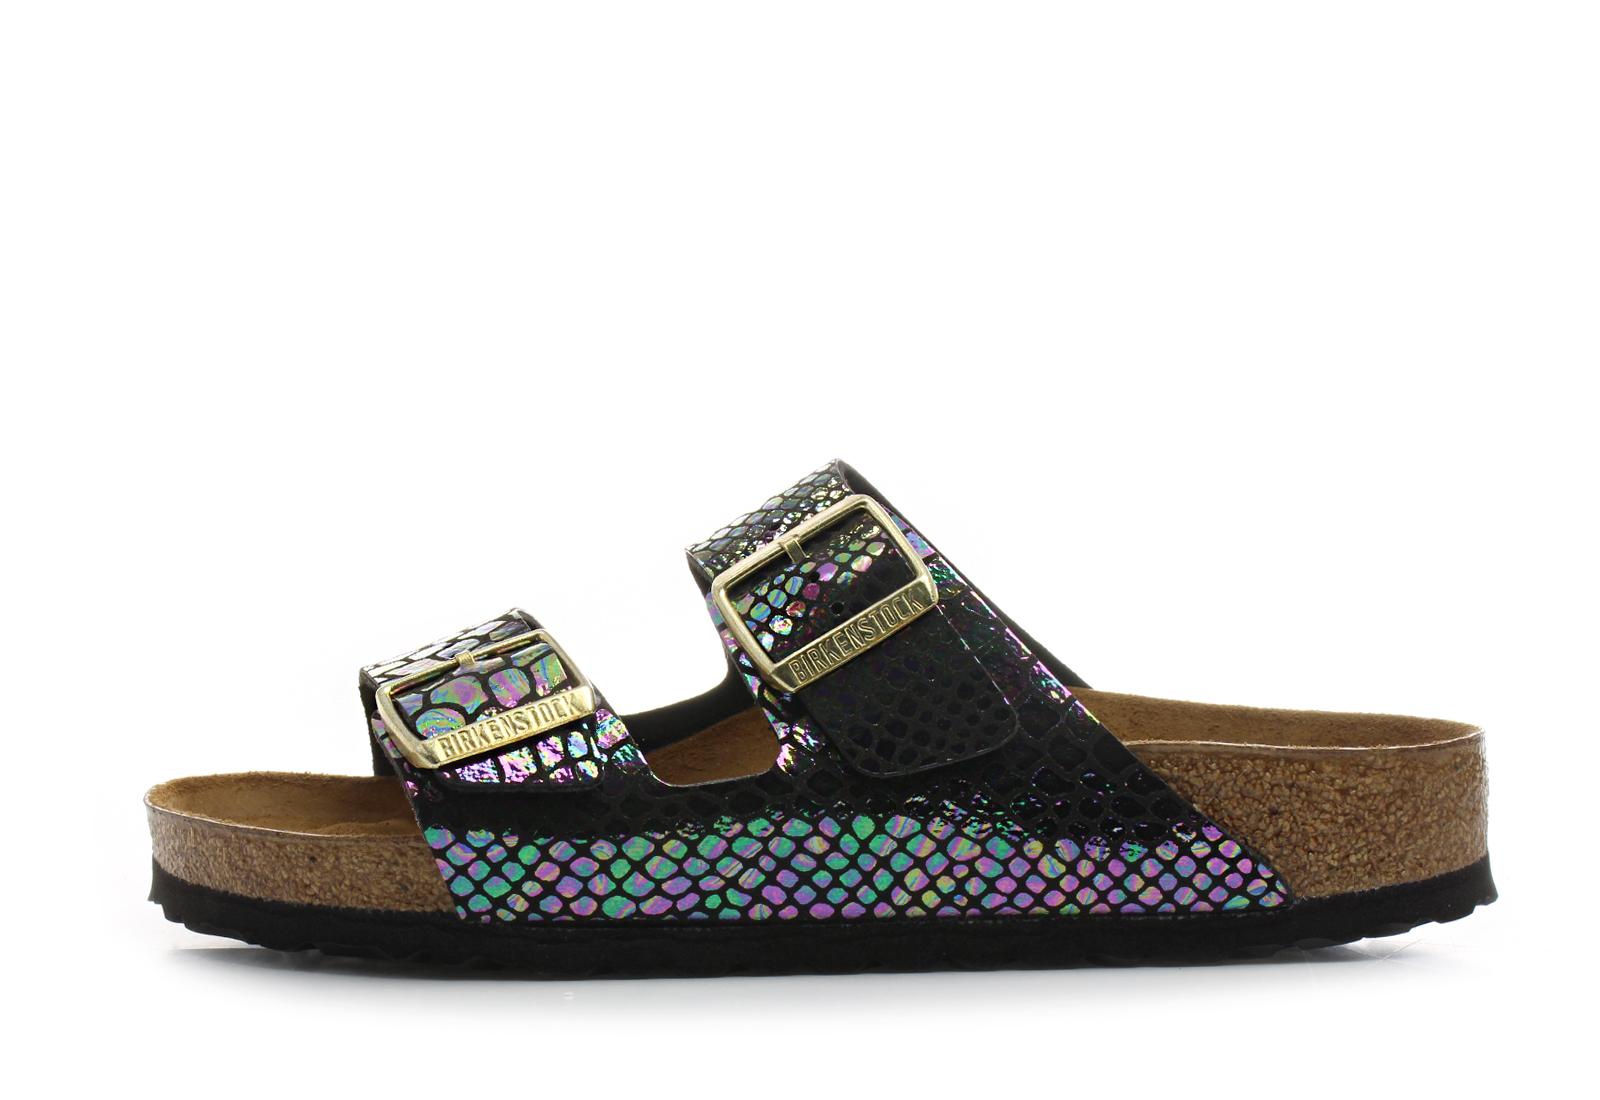 Birkenstock Slippers Arizona 1003463 Snk Online Shop